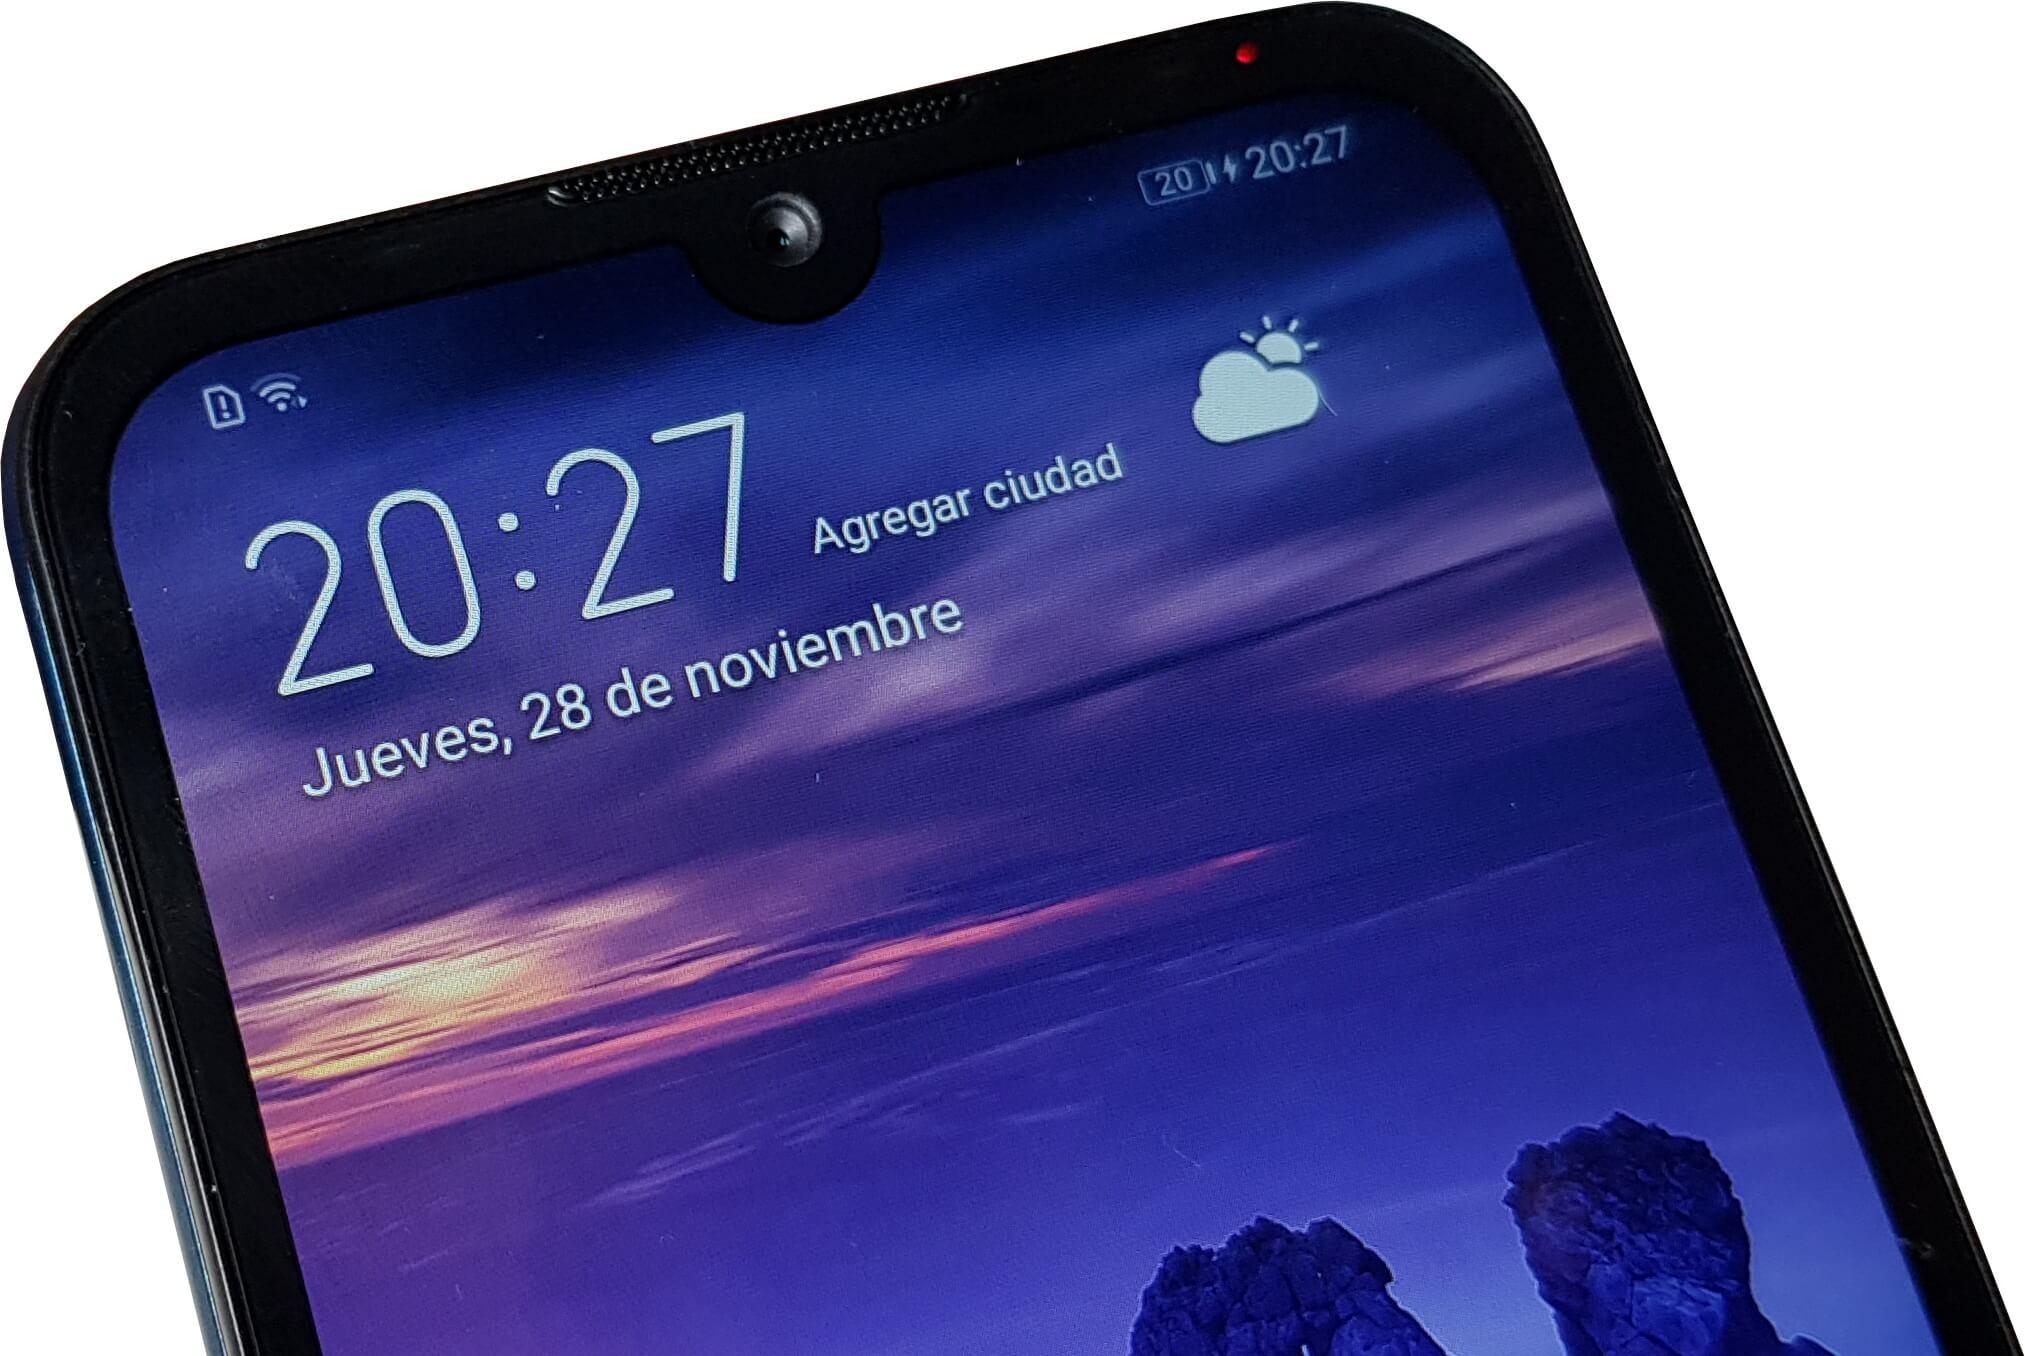 Review Huawei Y5 2019: La Gama baja de Huawei promete